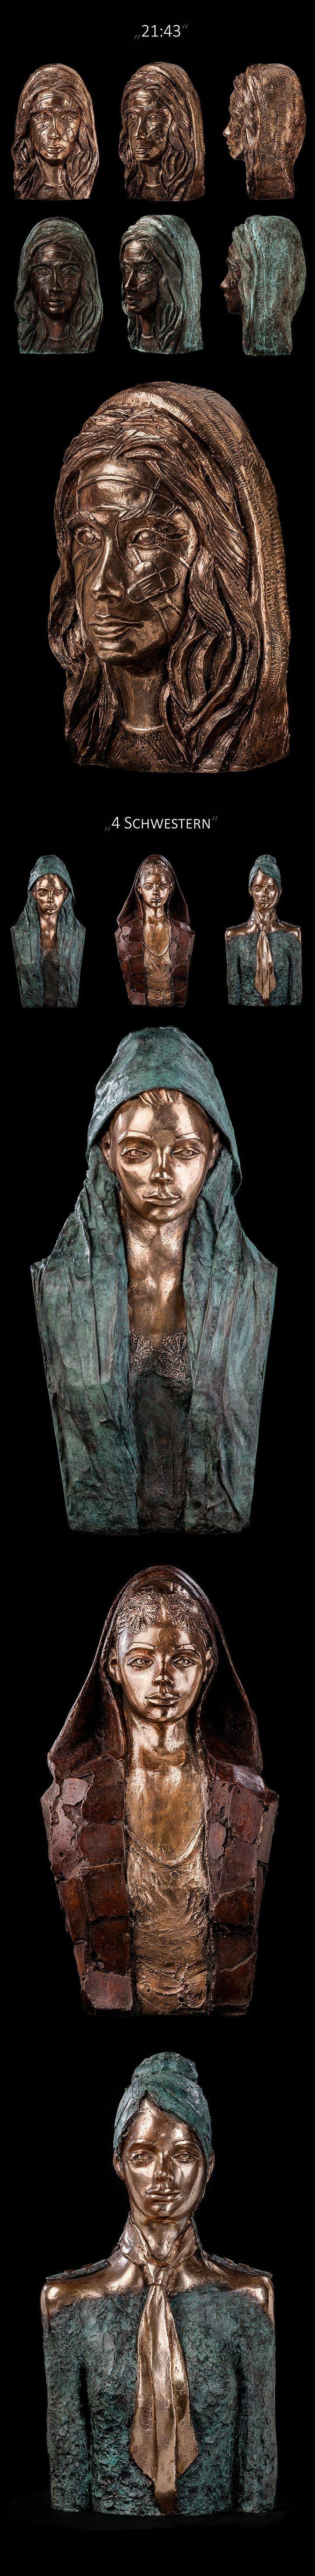 skulpturen1